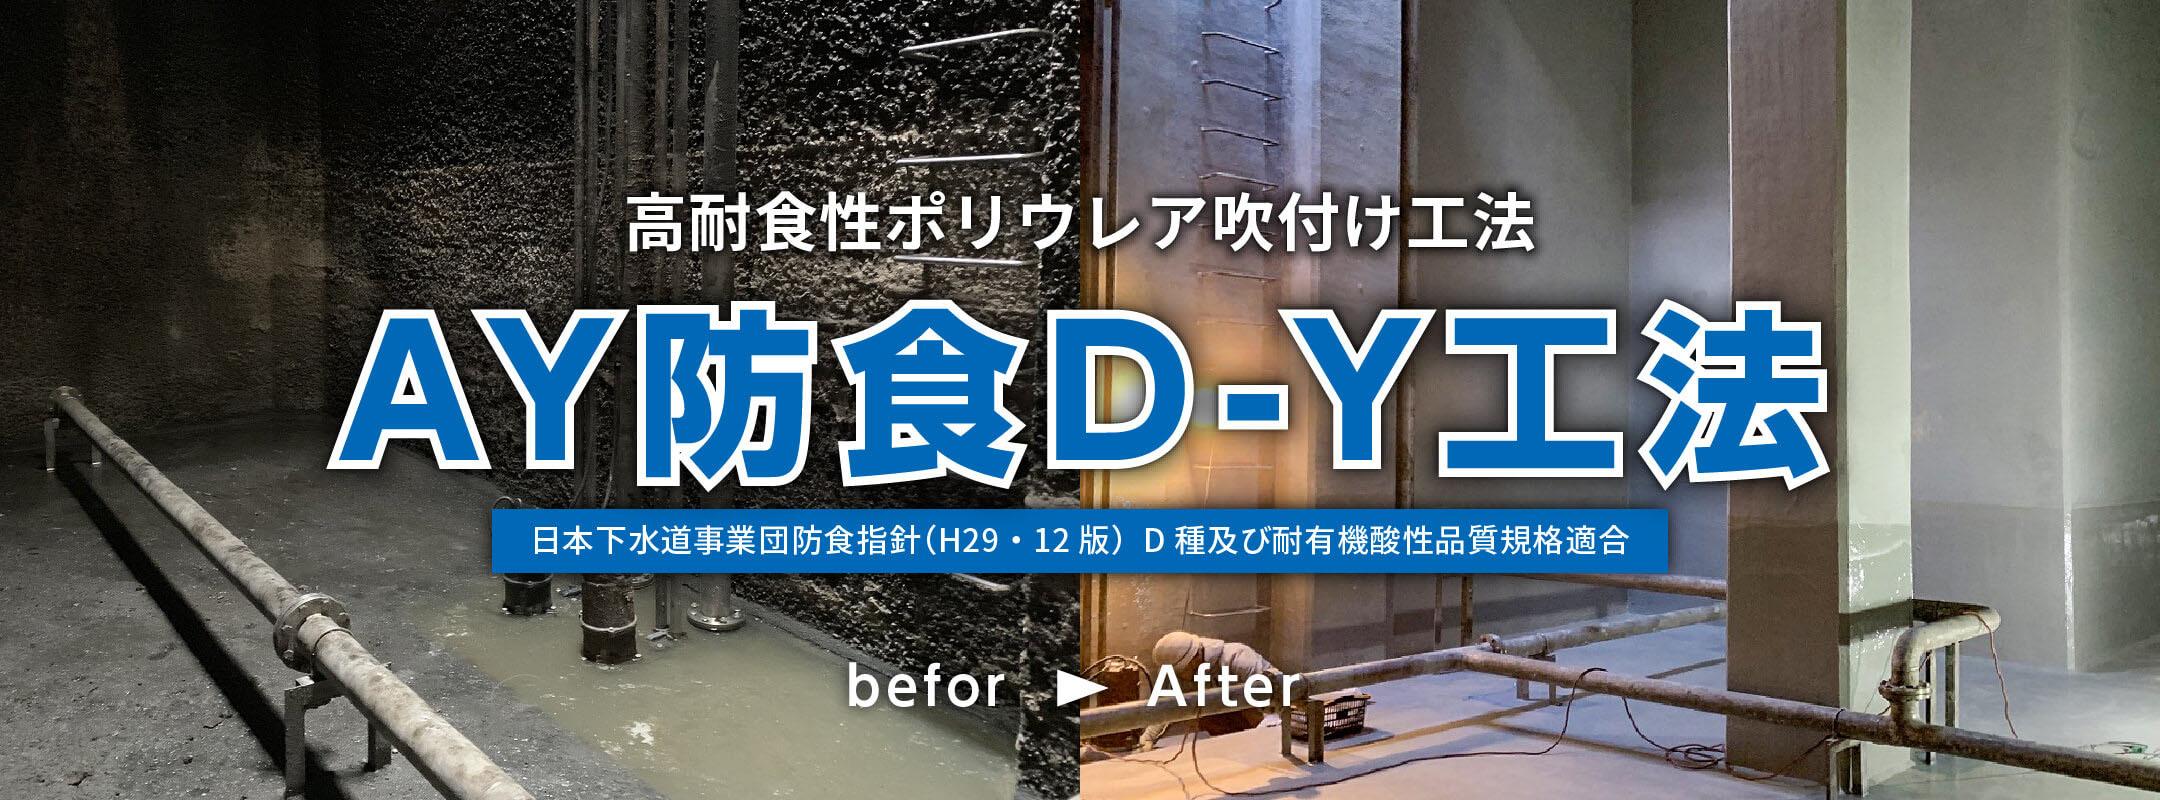 高耐食性ポリウレア吹付け工法 AY防食D-Y工法 日本下水道事業団防食指針(H29・12版)  D種及び耐有機酸性品質規格適合